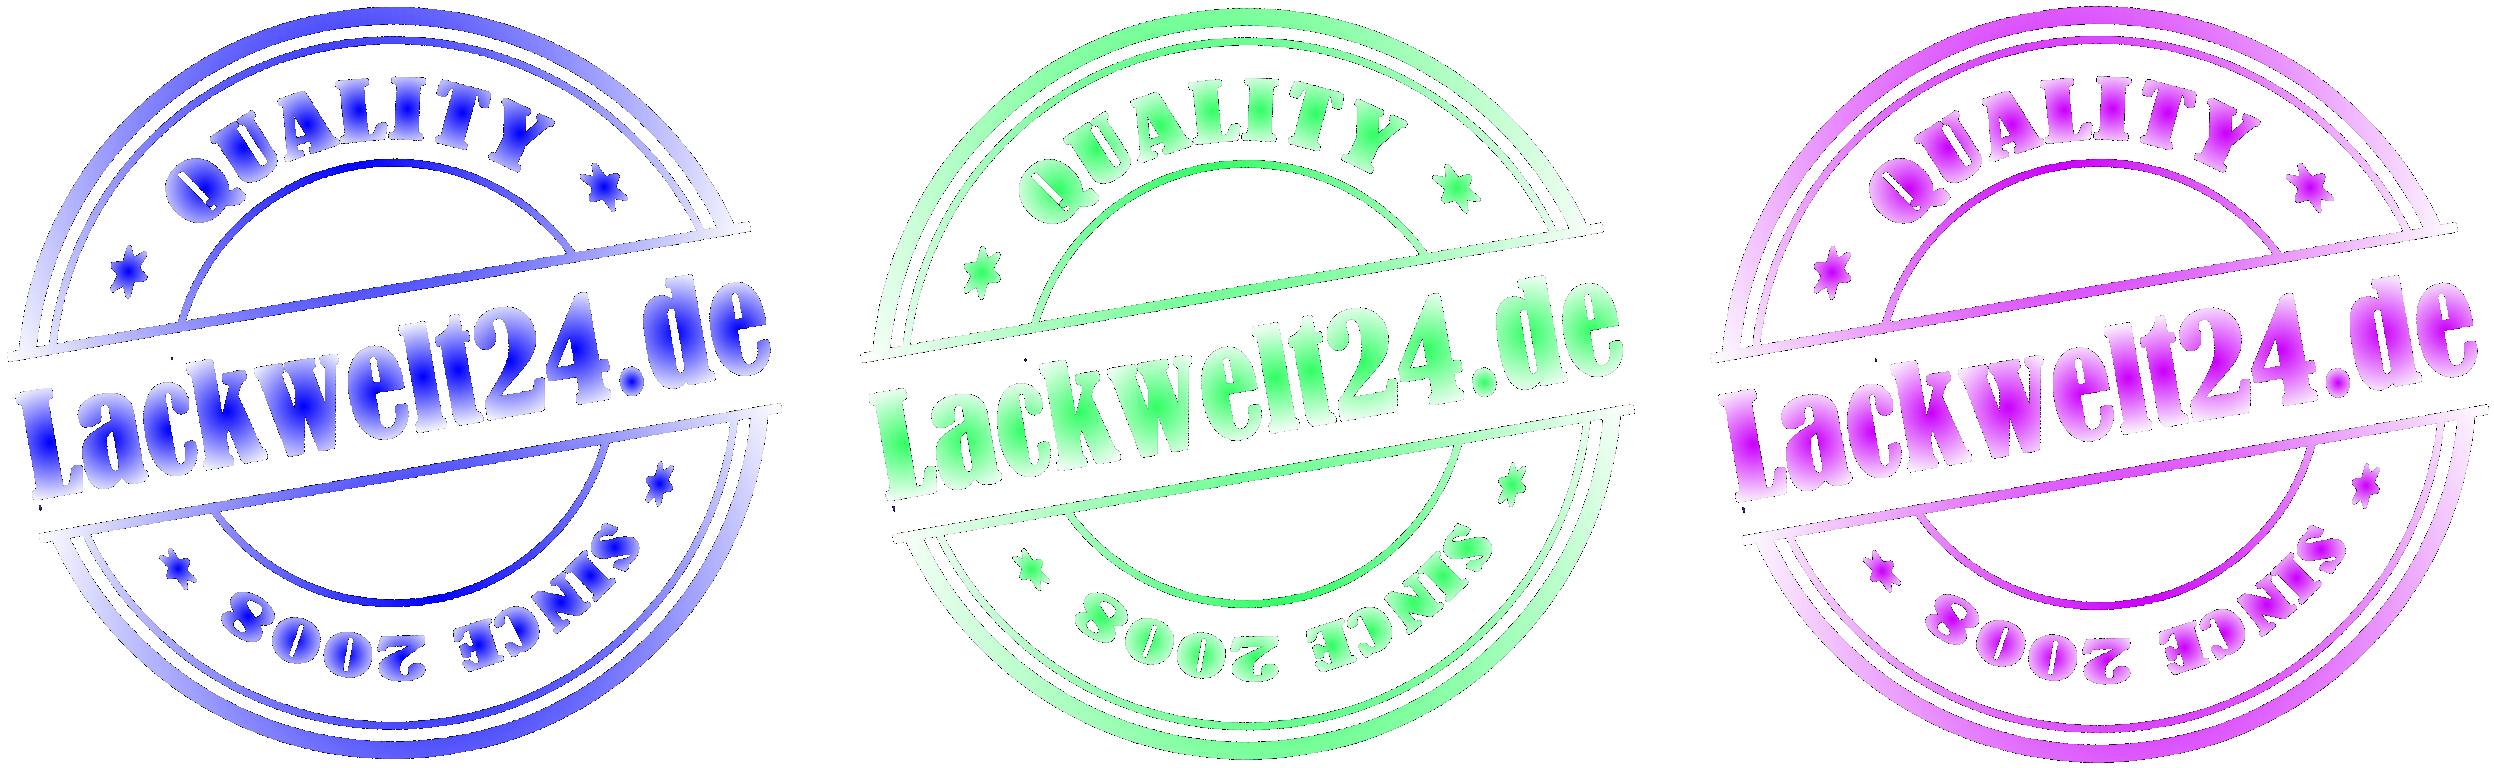 Lackwelt24-Logo